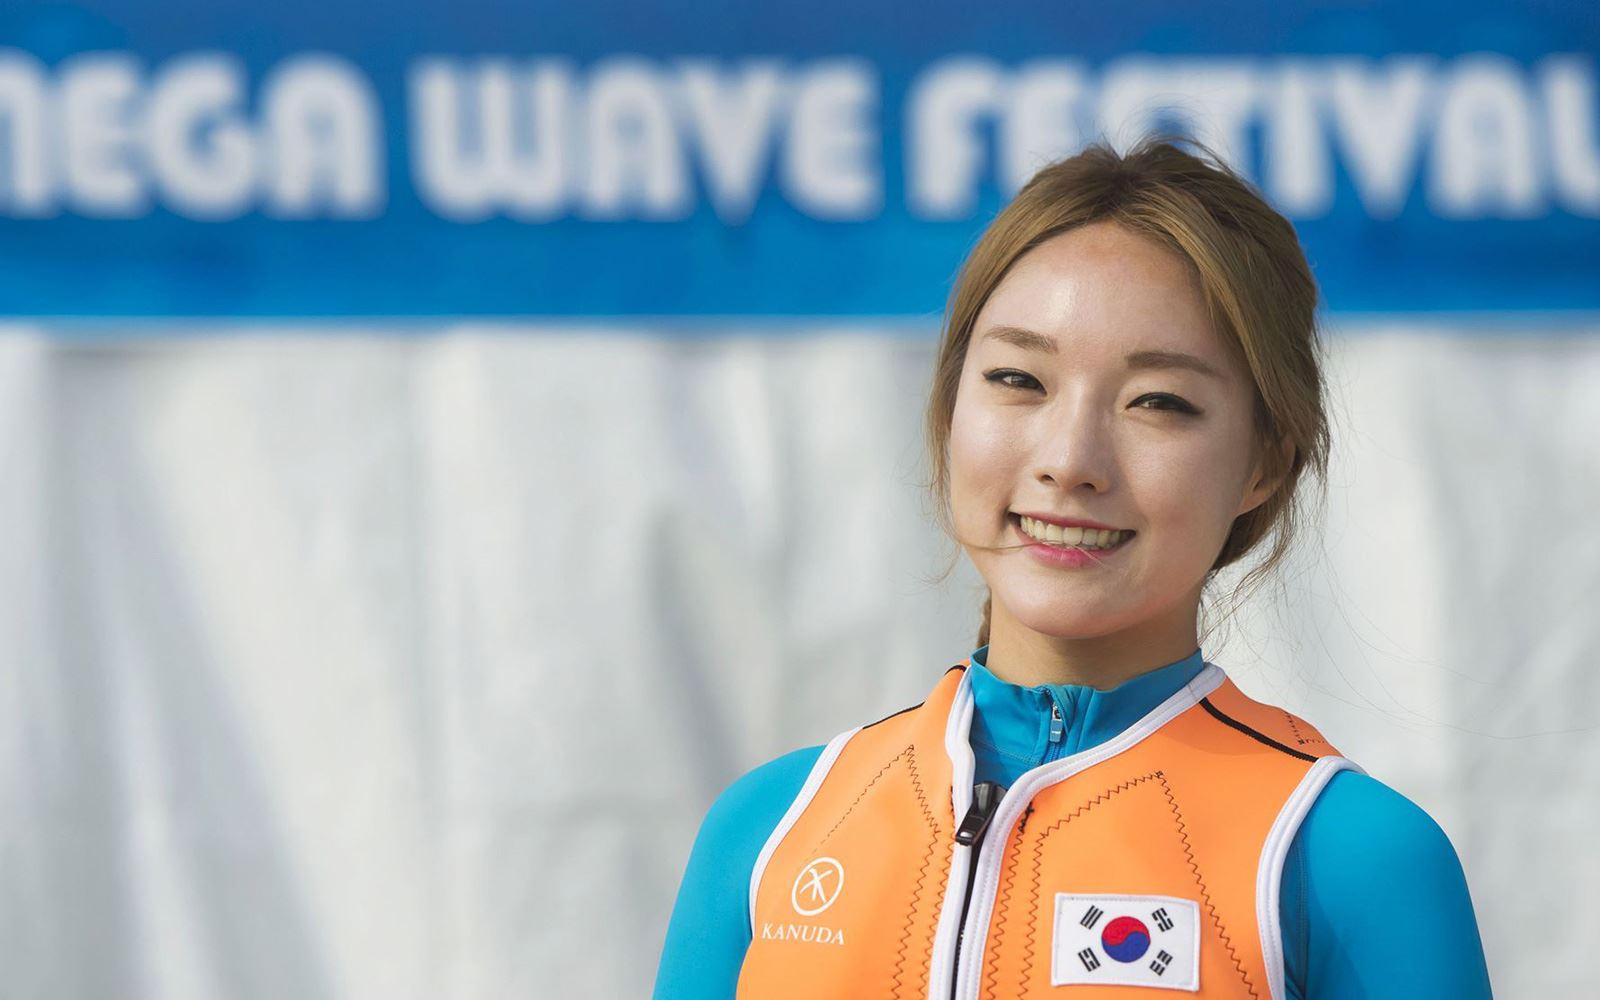 올초 세계 플라잉보드 선수권 대회 1위에 오른 박진민 선수. [사진 에버랜드]